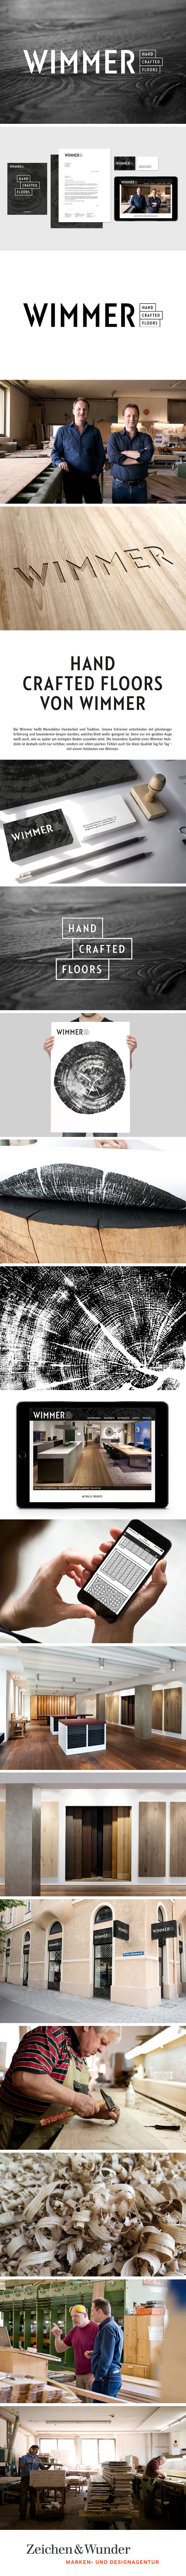 Holzmanufaktur München 21 best wimmer neuer markenauftritt für exklusive holzmanufaktur